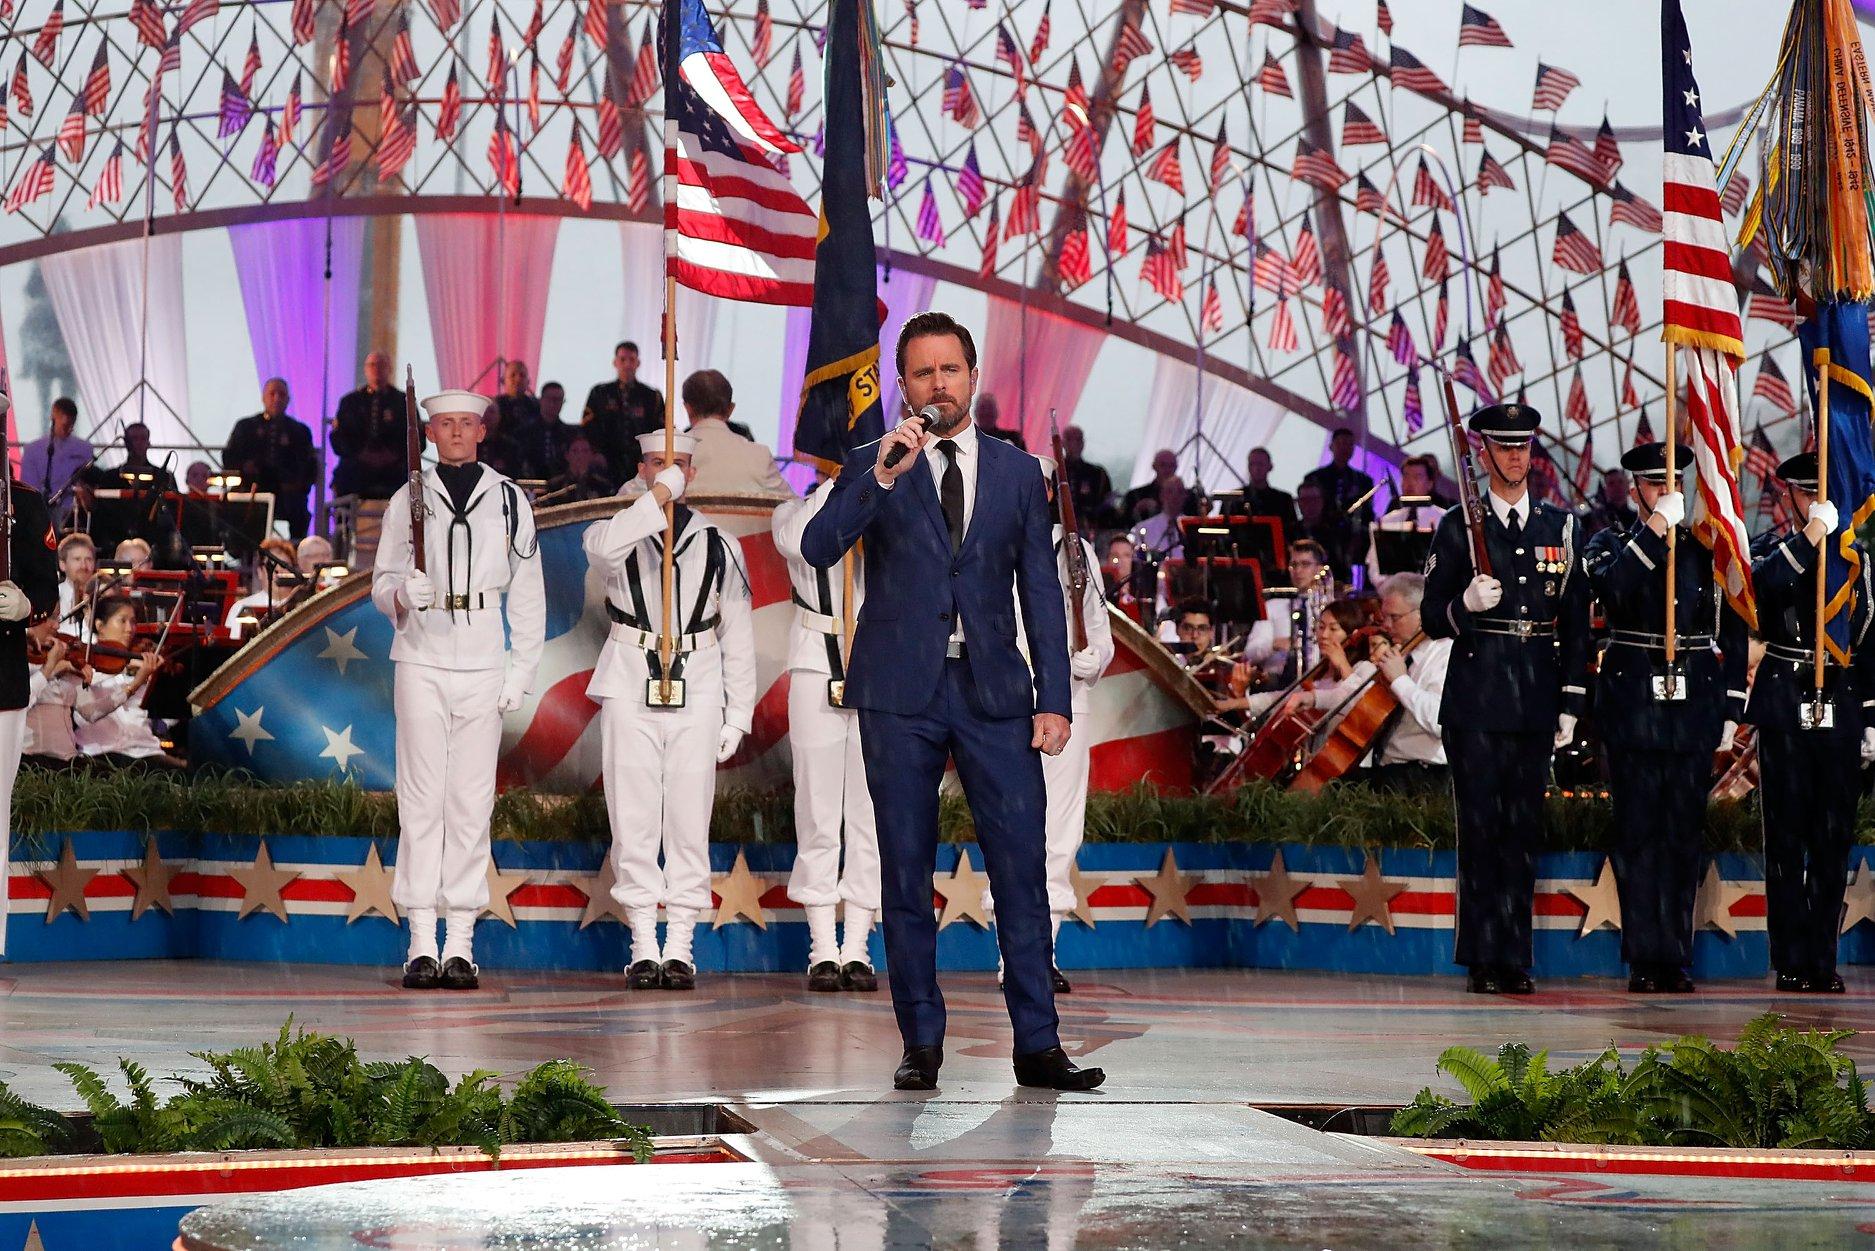 """Singer Charles Esten performing """"Some Gave All"""" at the 2018 <em>National Memorial Day Concert</em>."""